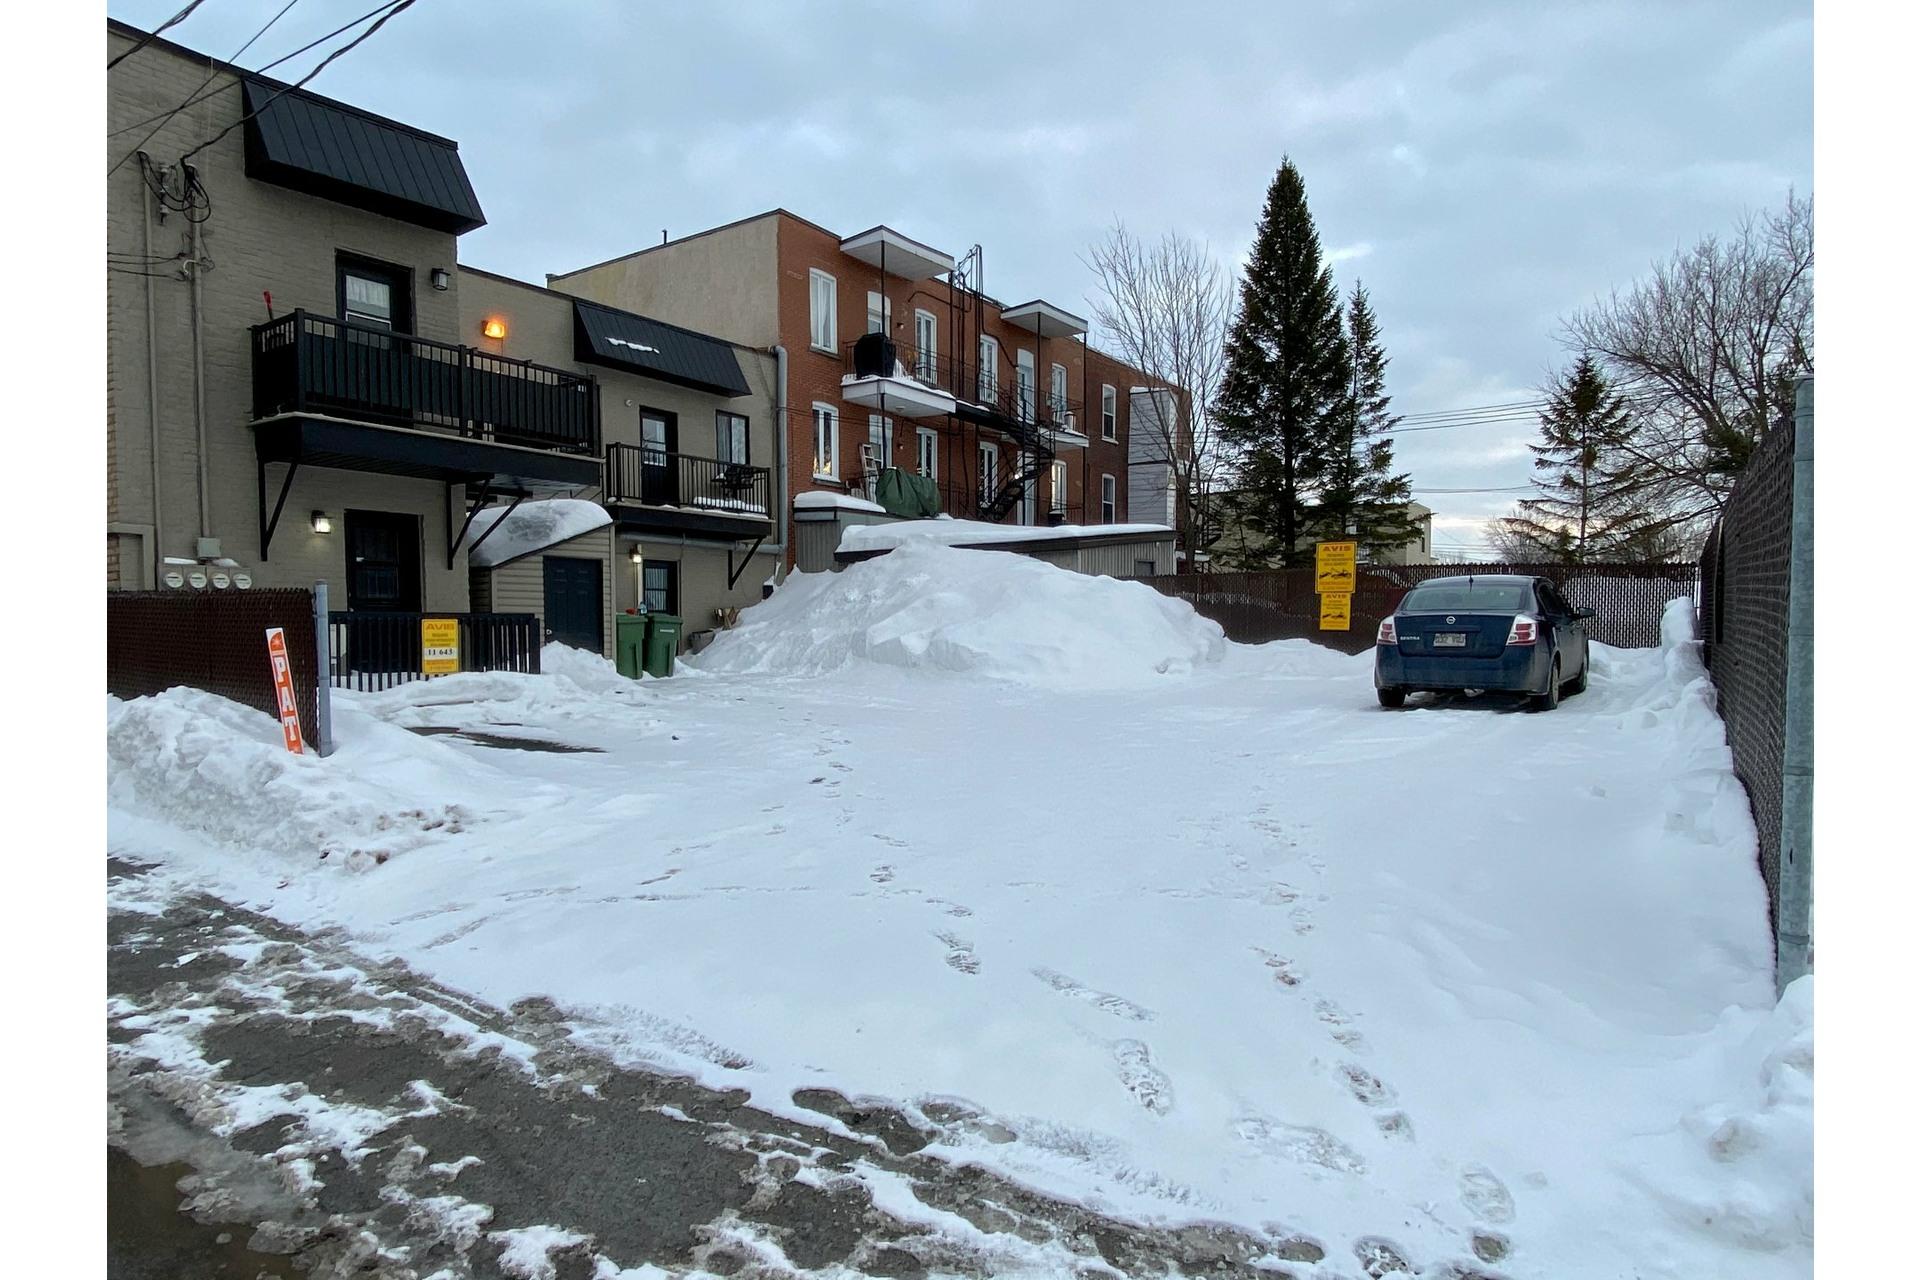 image 25 - Quadruplex For sale Rivière-des-Prairies/Pointe-aux-Trembles Montréal  - 4 rooms